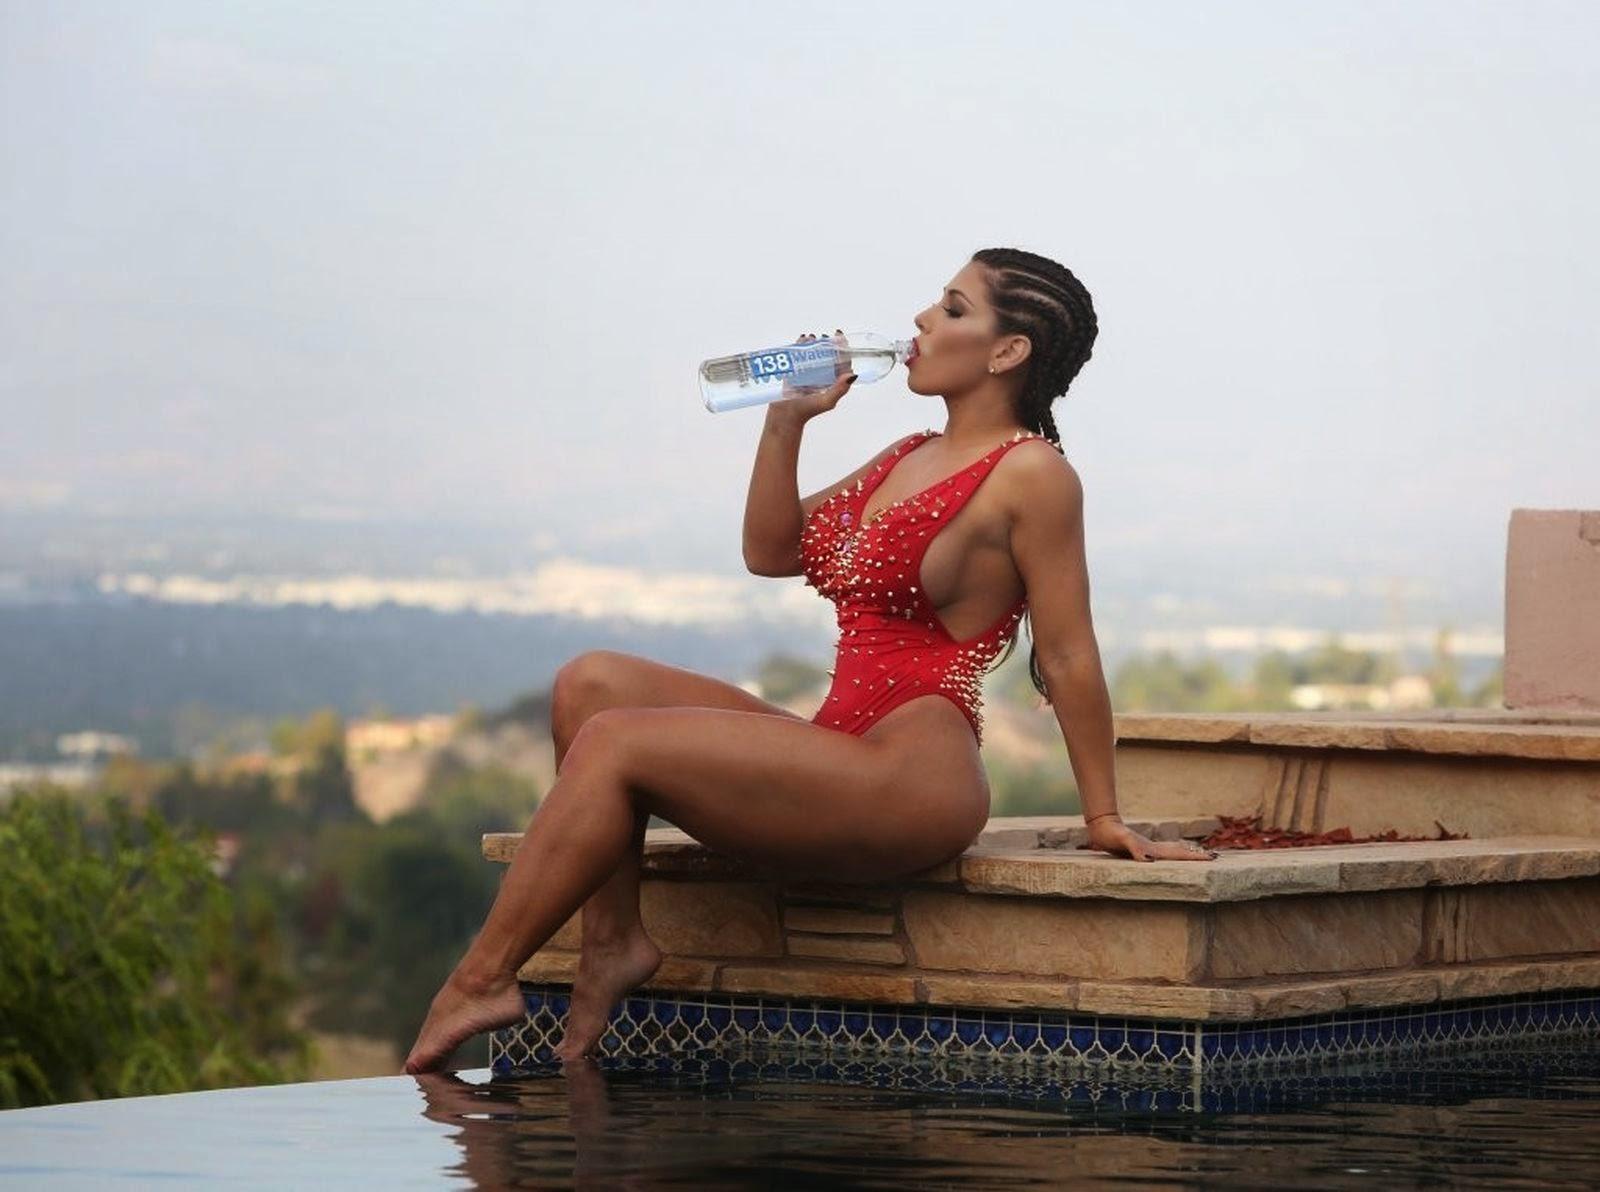 صور إغراء لعارضة الأزياء كارمن أورتيغا بالبيكيني